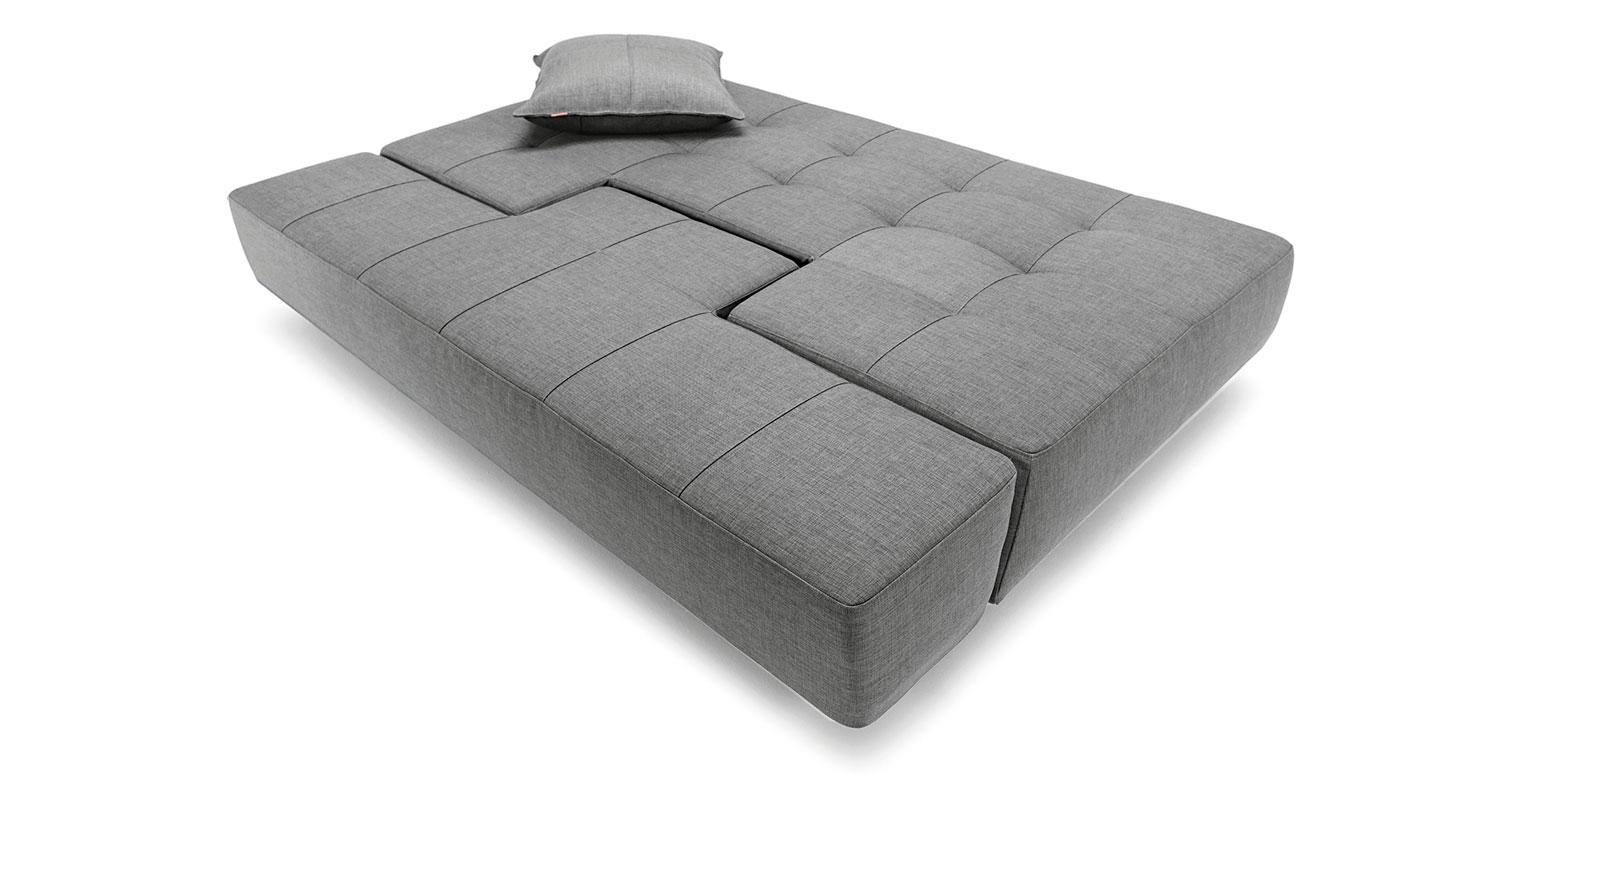 Schlafsofa Ross mit großer Liegefläche für Übernachtungsgäste